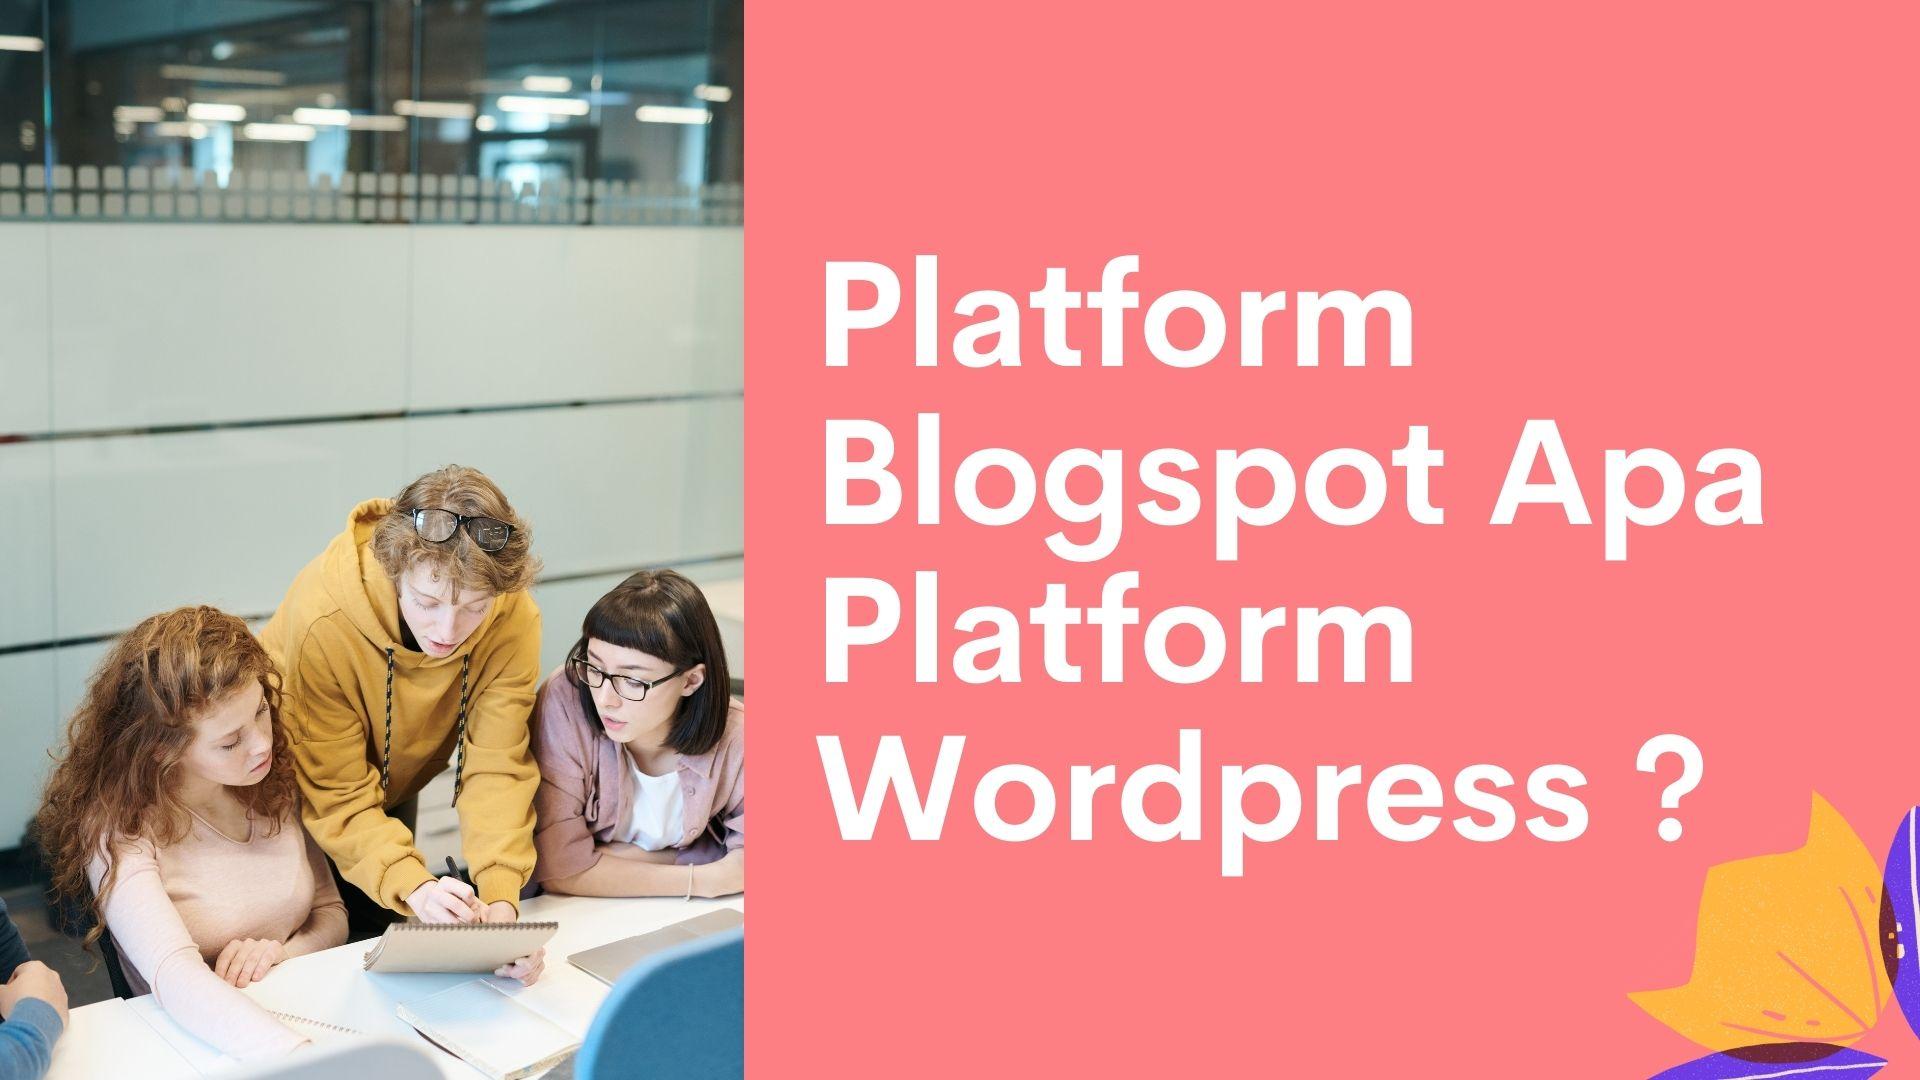 Platform Blogspot Apa Platform Wordpress ?